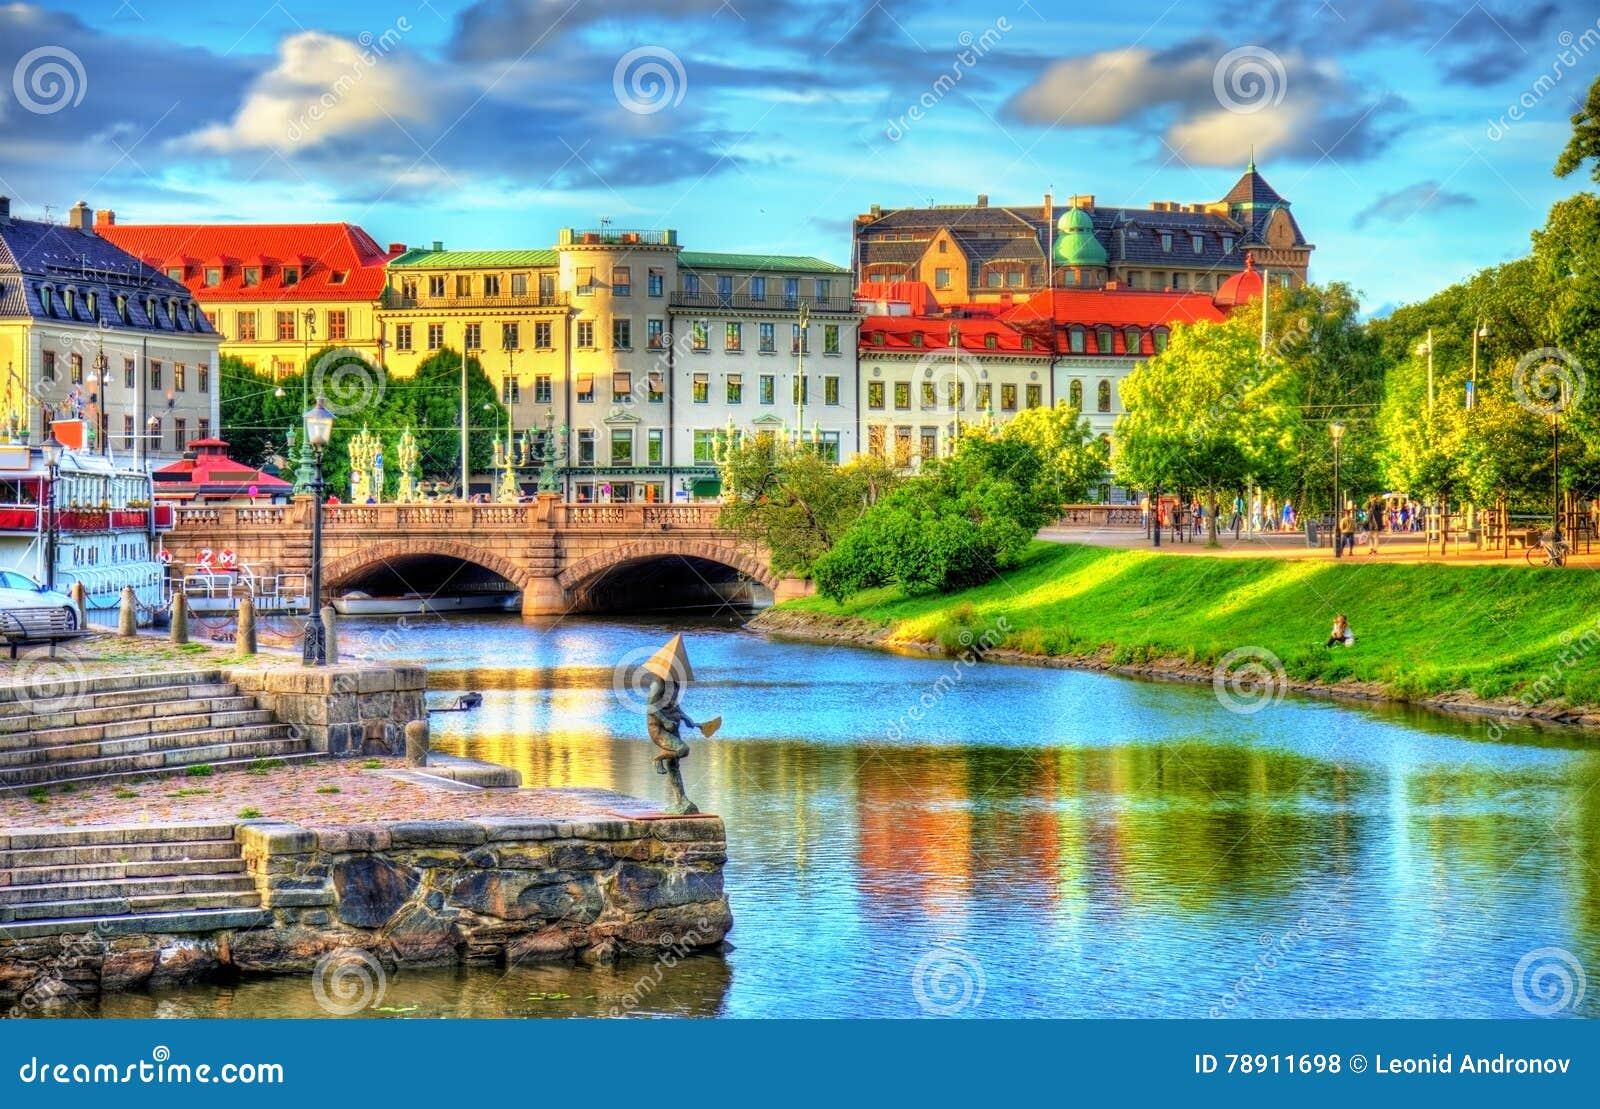 Kanaal in het historische centrum van Gothenburg - Zweden